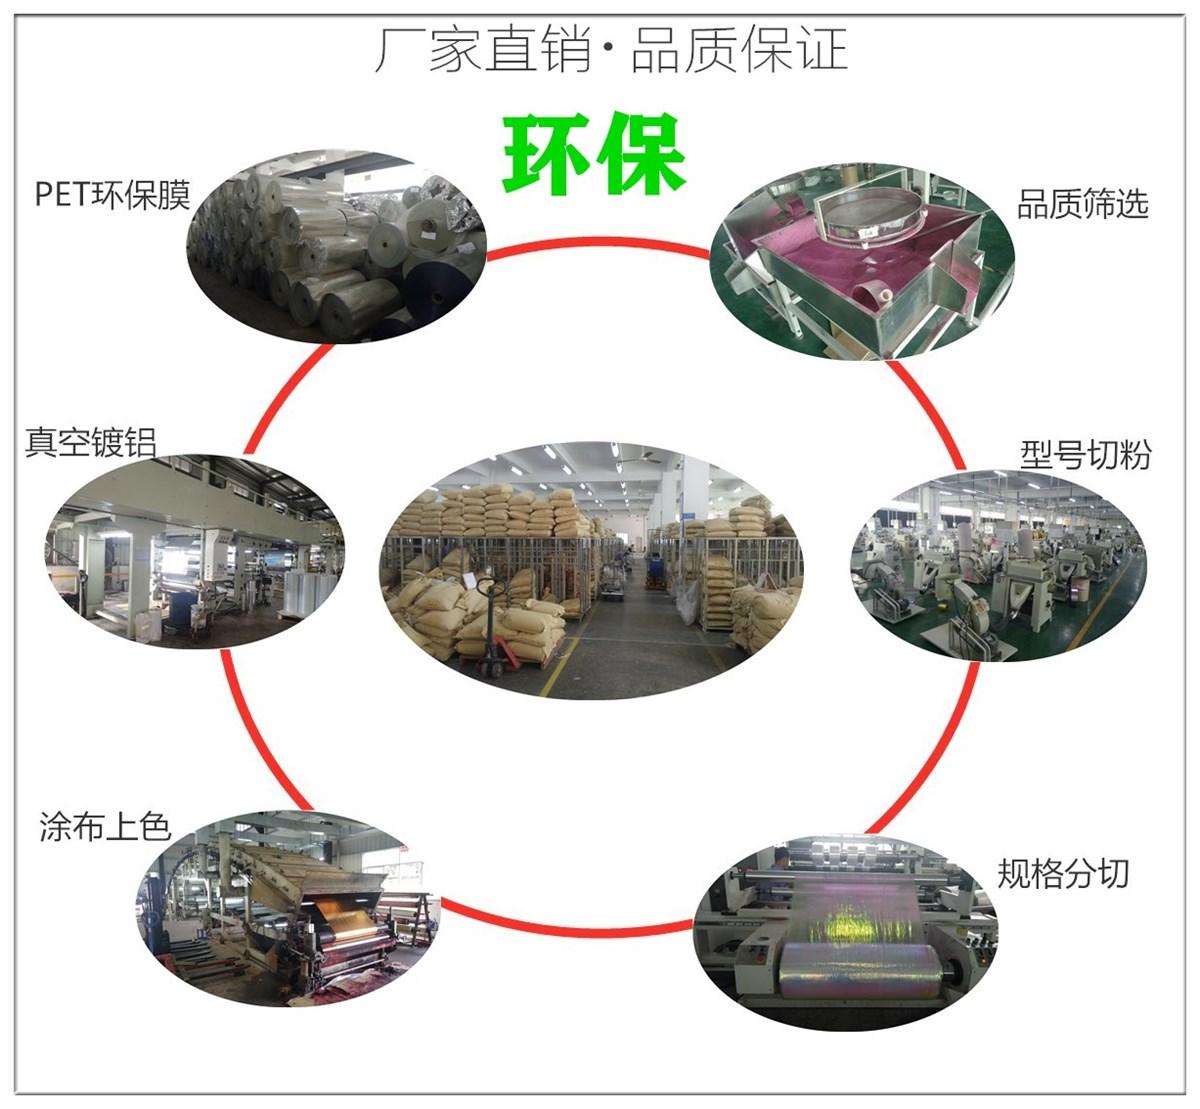 金葱粉生产程序.jpg